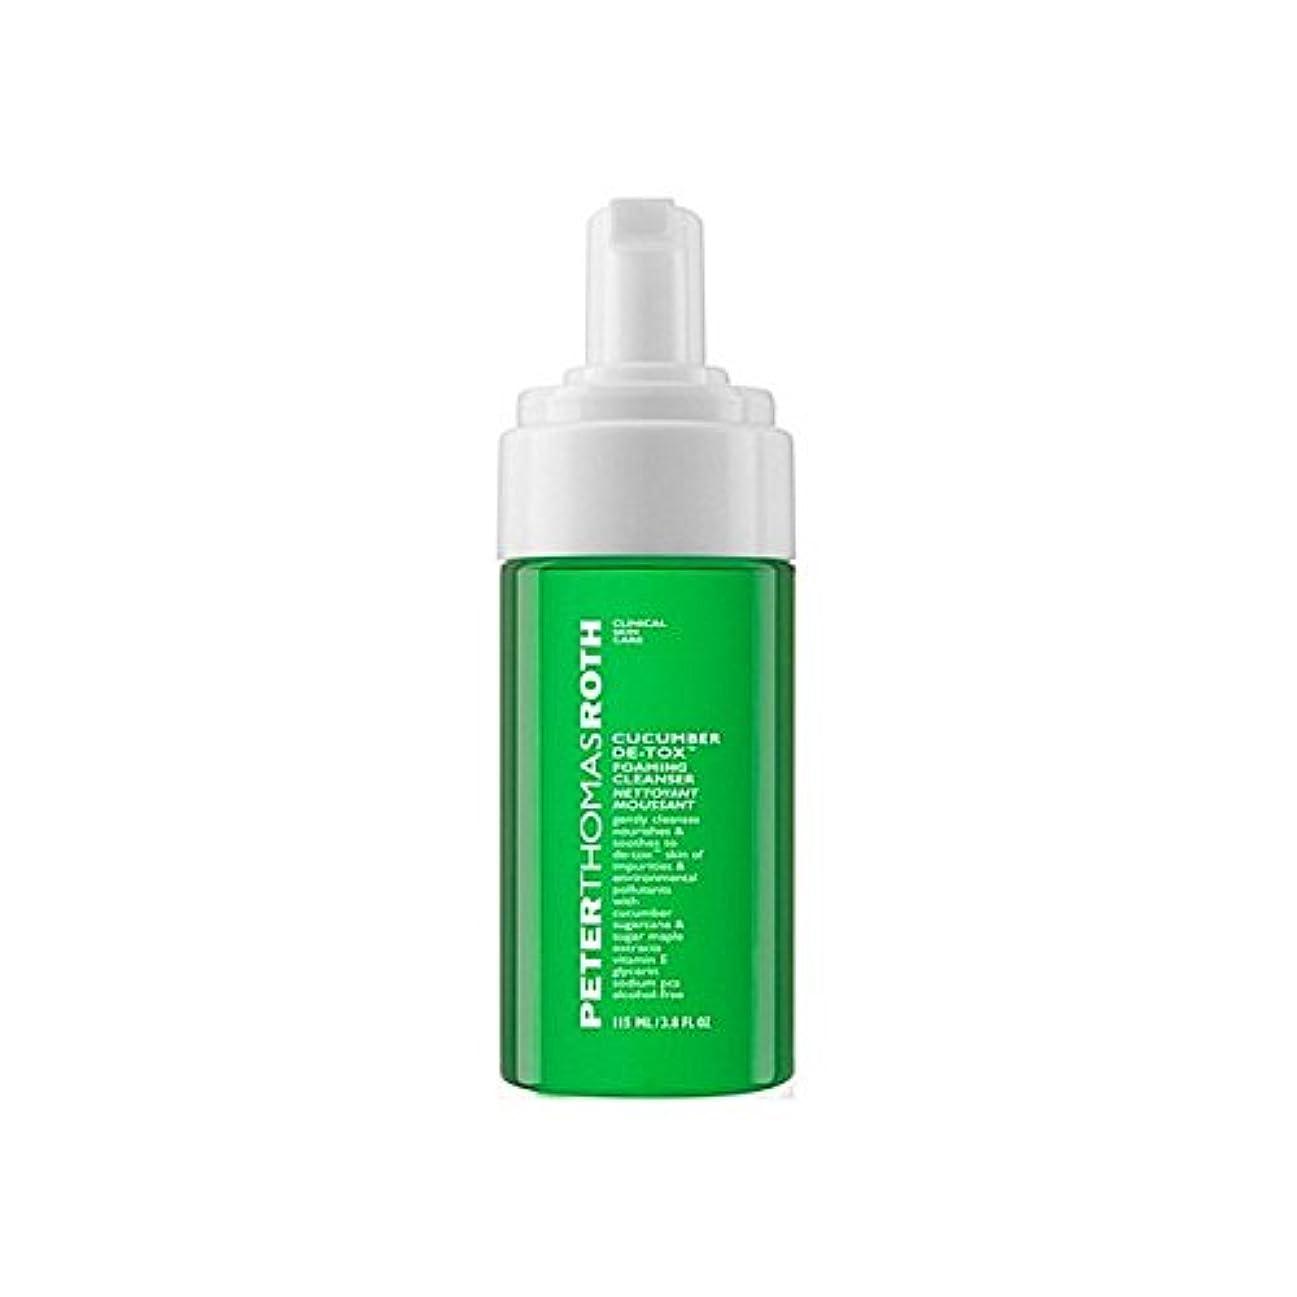 どうしたの福祉滑りやすいピータートーマスロスキュウリデ発泡クレンザー x2 - Peter Thomas Roth Cucumber De-Tox Foaming Cleanser (Pack of 2) [並行輸入品]